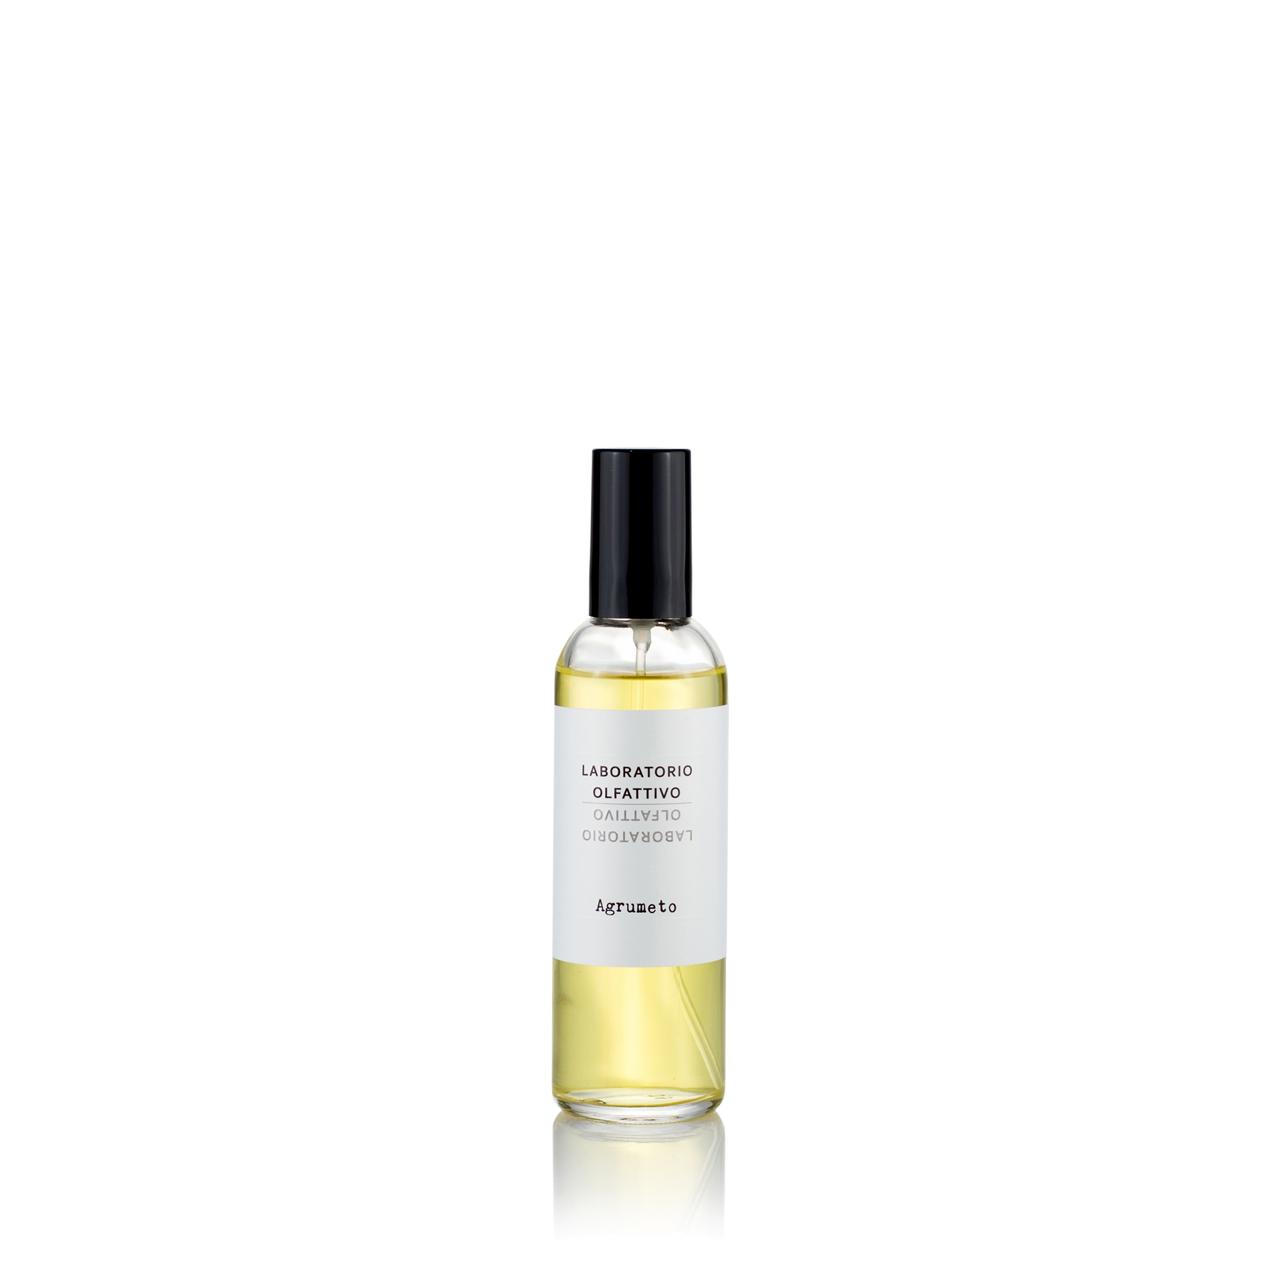 Agrumeto - Room Fragrance